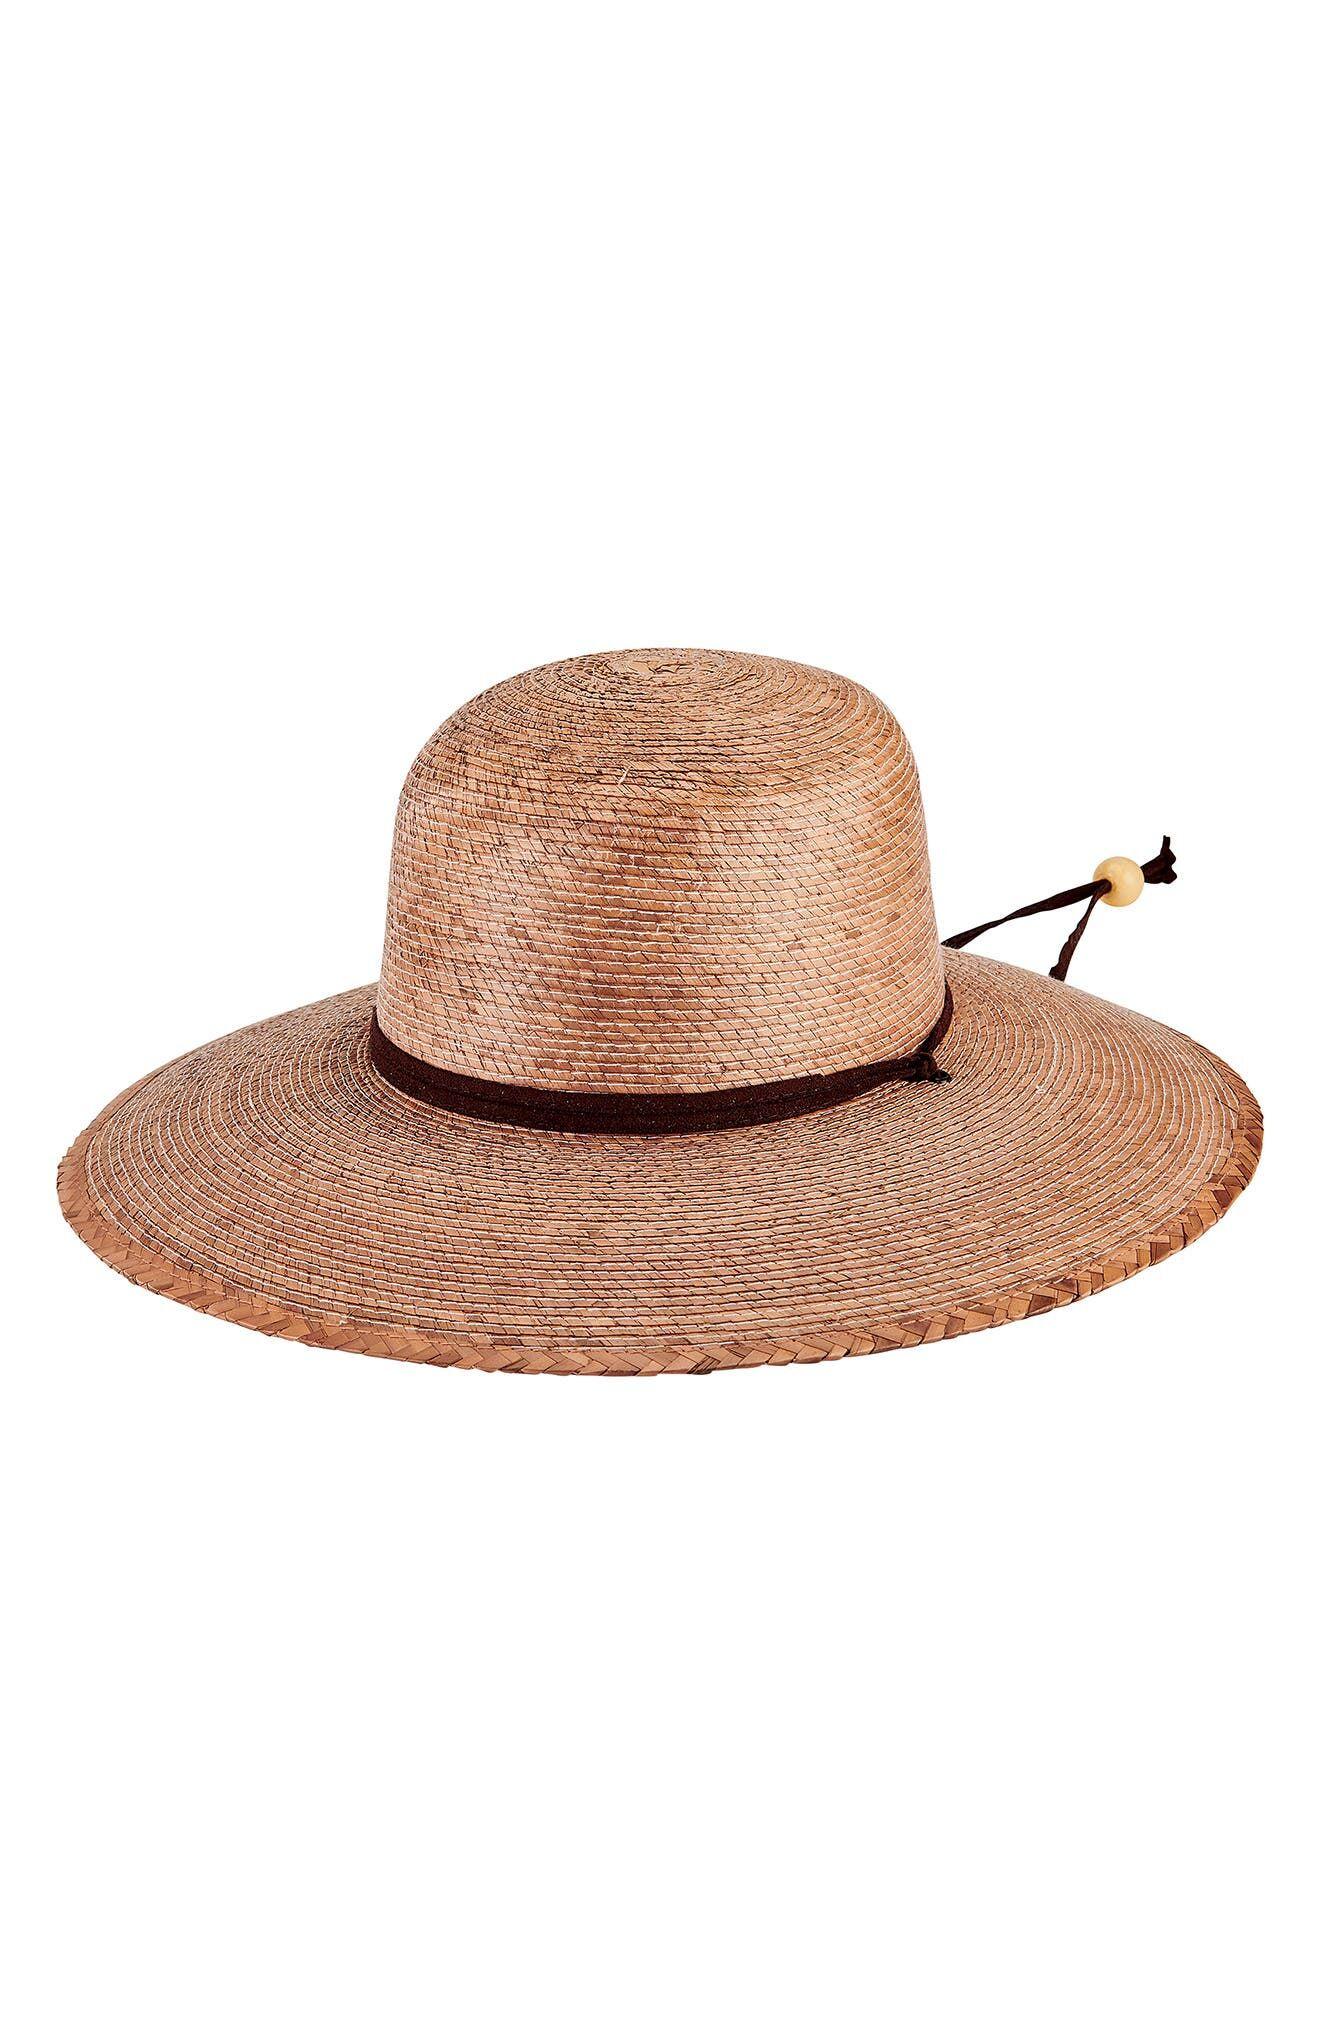 San Diego Hat Women's San Diego Hat Palm Braid Garden Hat - Beige